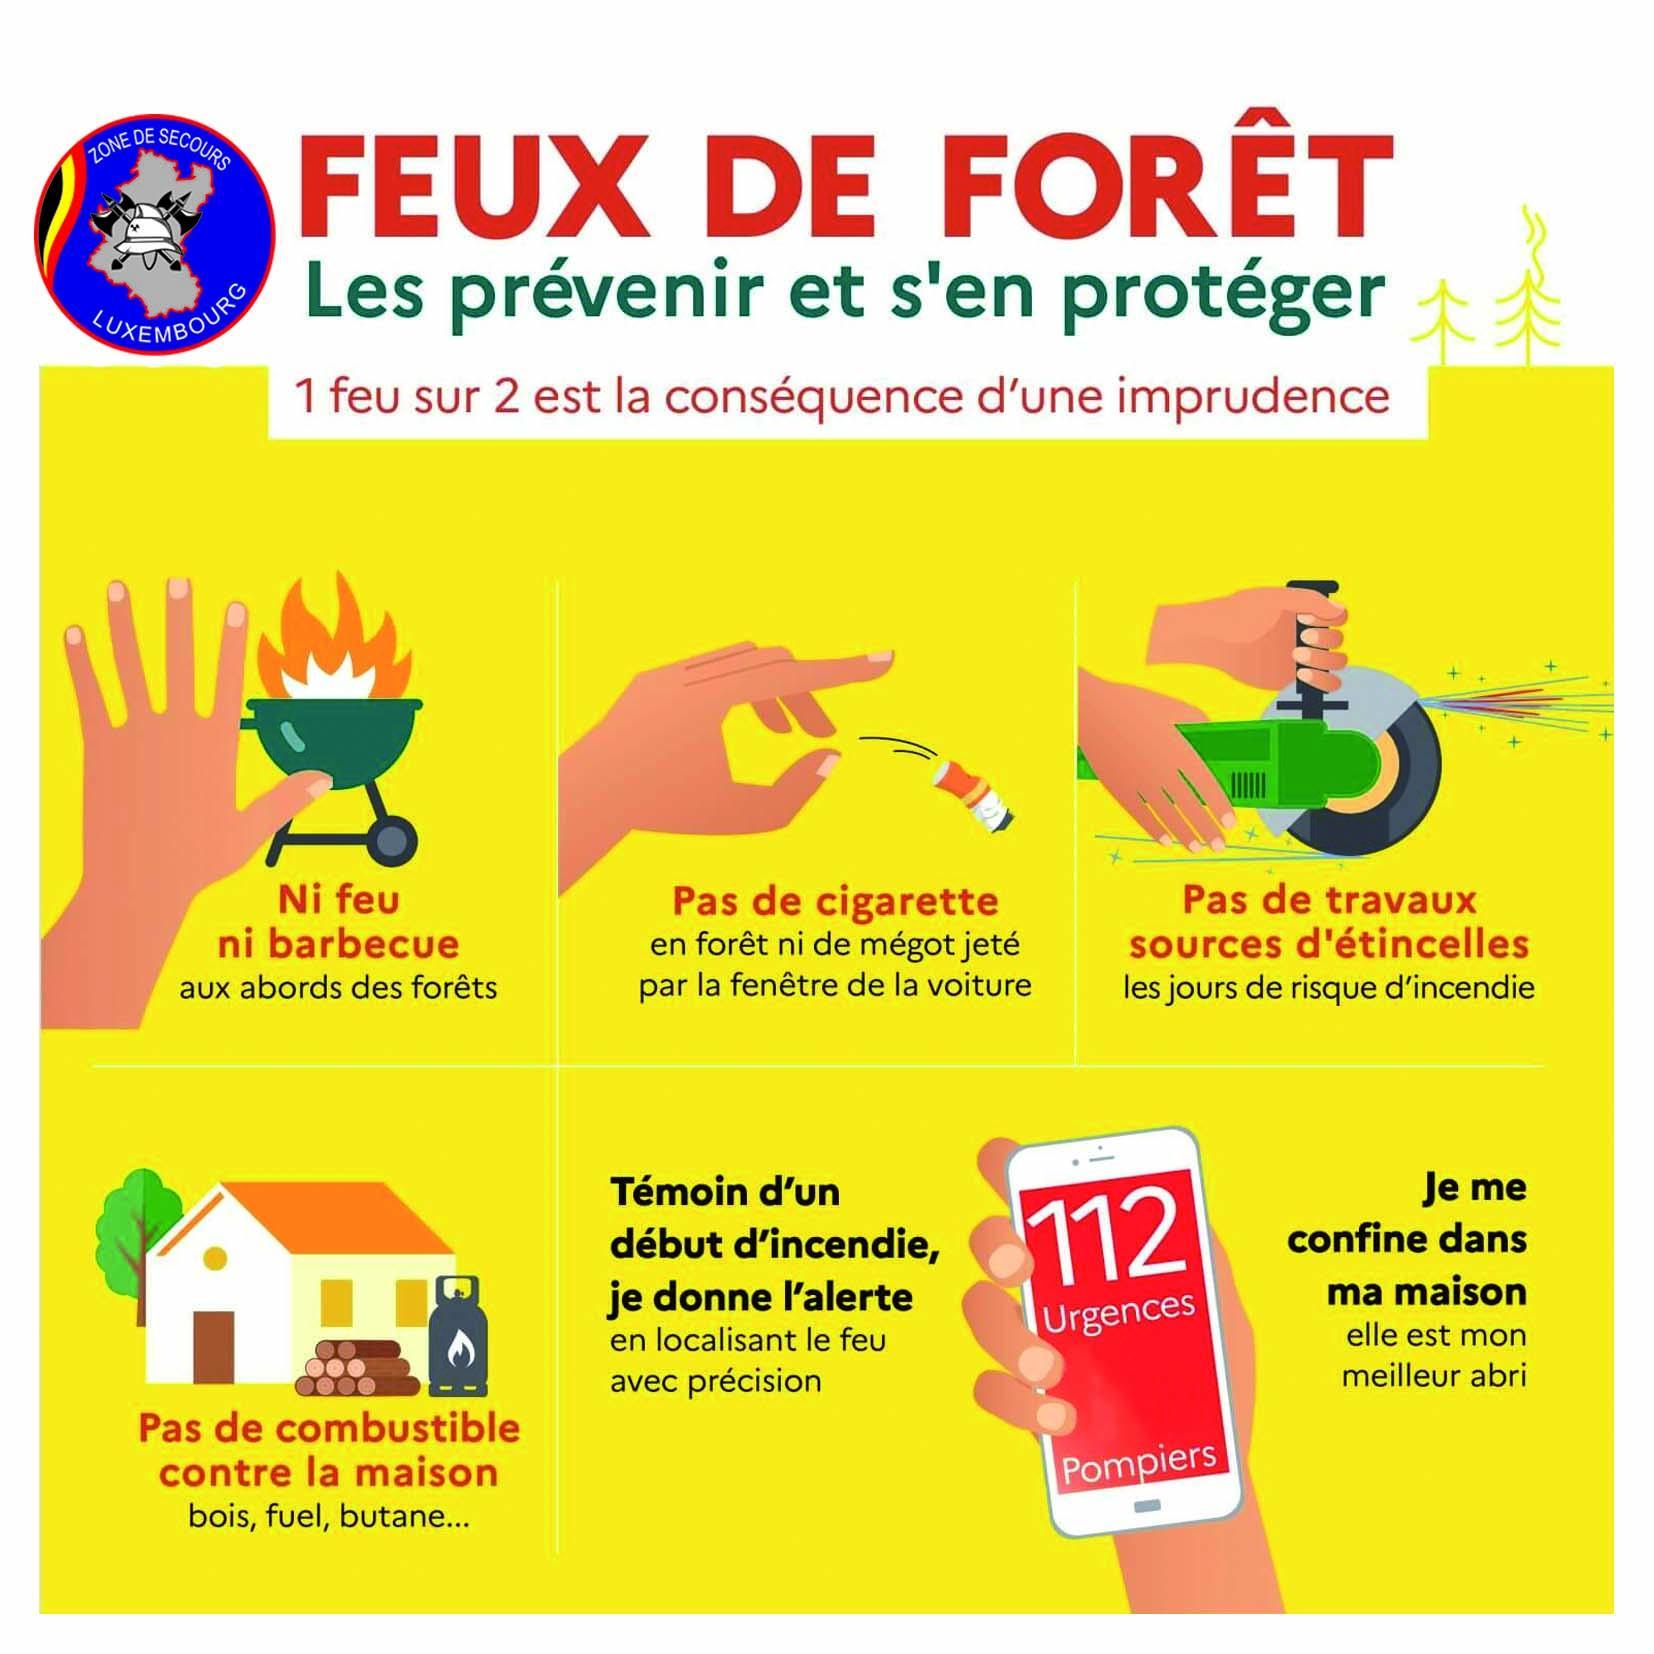 pompiers-feux_de_foret-09-20_0.jpg